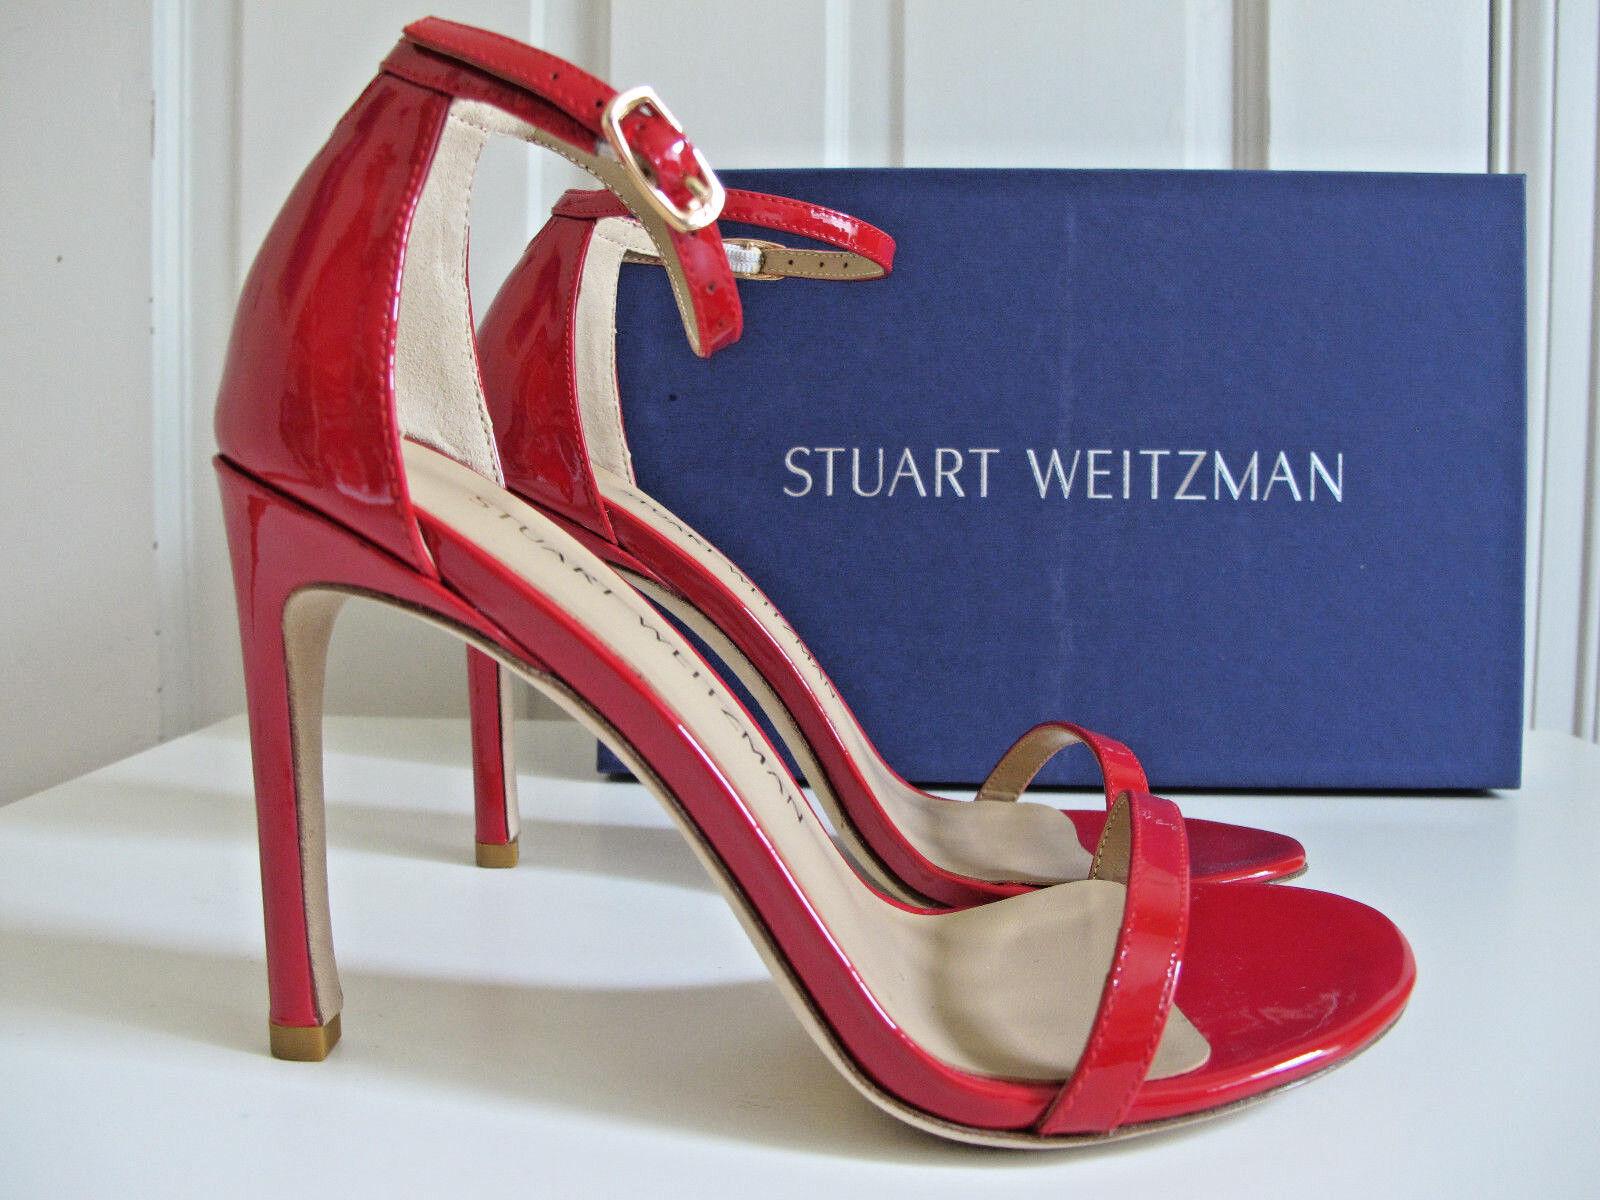 Nuevo En Caja  419 Stuart Weitzman nudistsong nudistsong nudistsong y Correa en el tobillo Sandalias Rojo Patente Talla 7.5 nudista  hasta un 50% de descuento